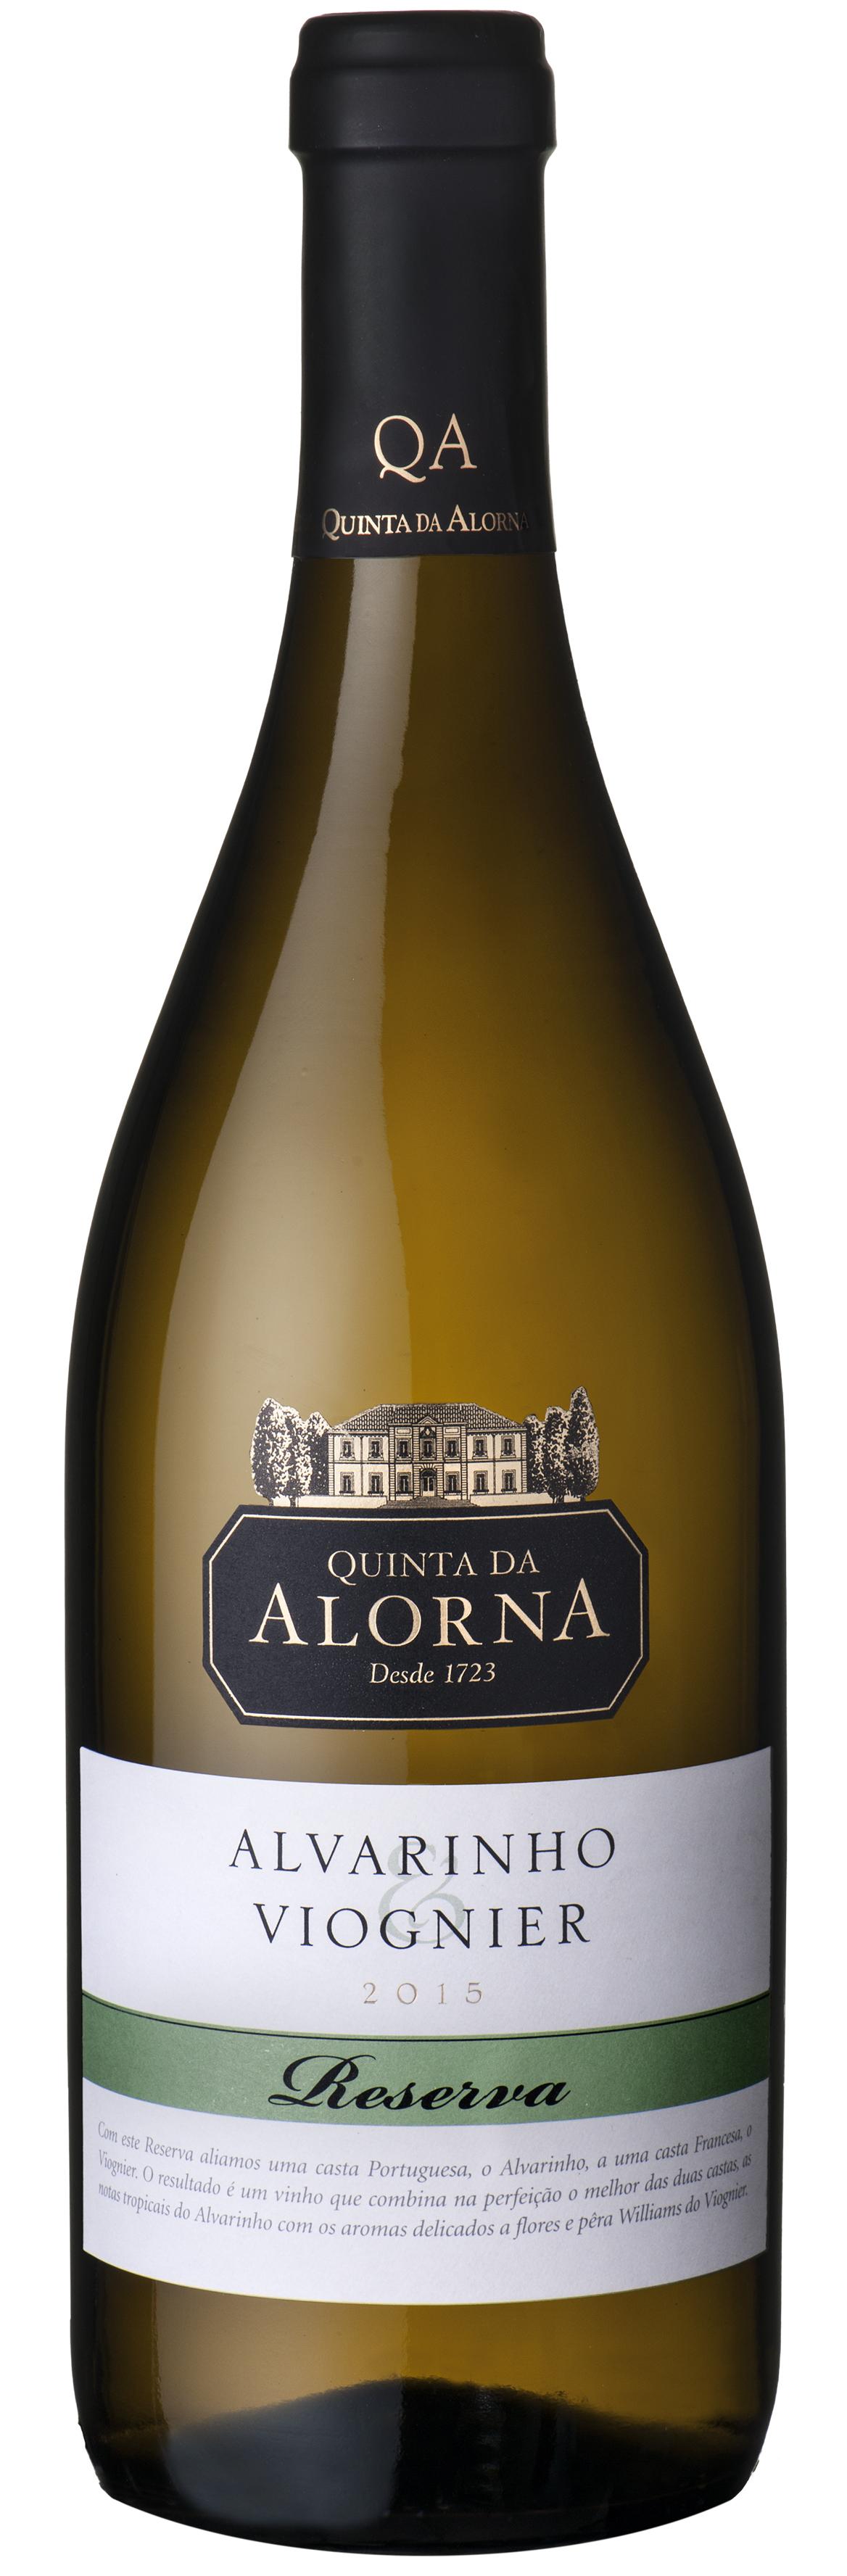 Quinta Da Alorna Alvarinho / Viognier Reserva